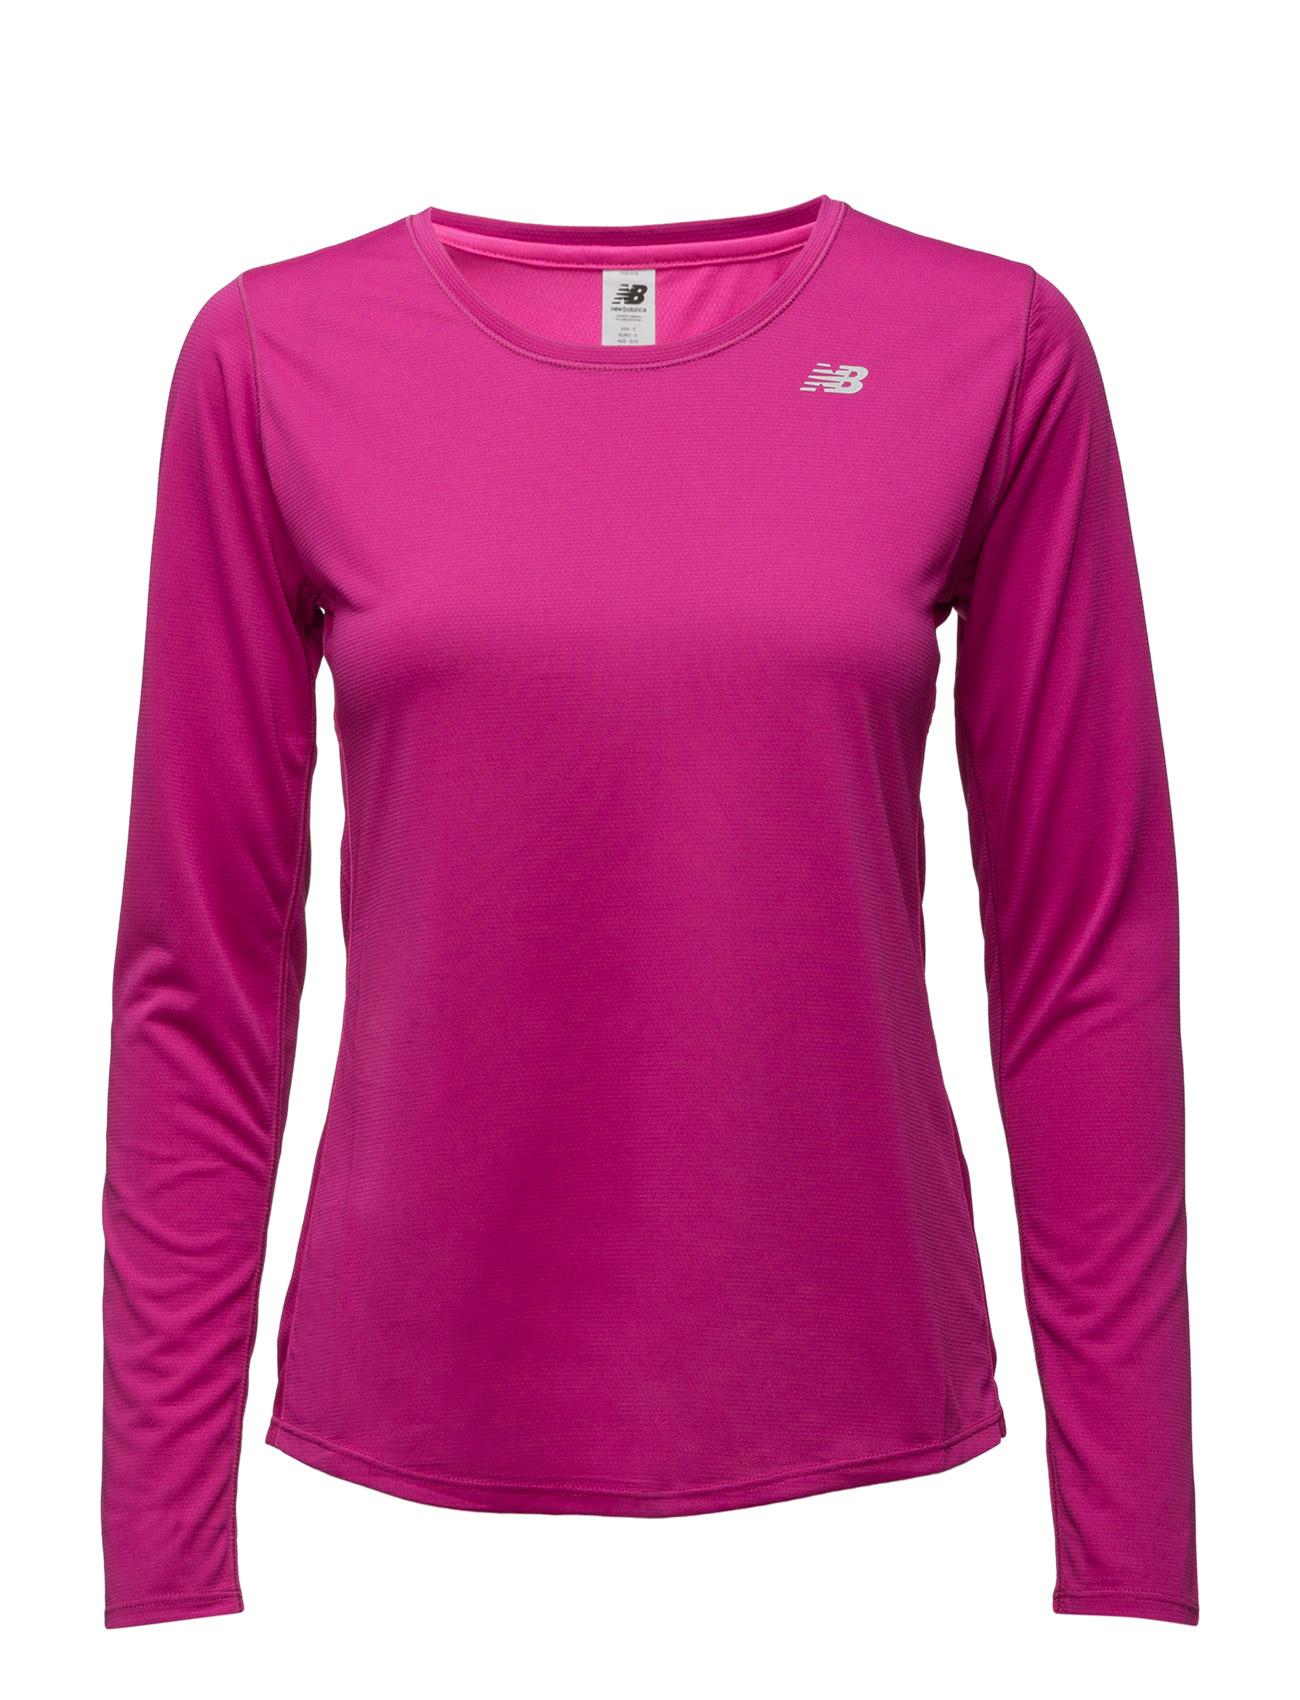 Accelerate Long Sleeve New Balance Sports toppe til Kvinder i